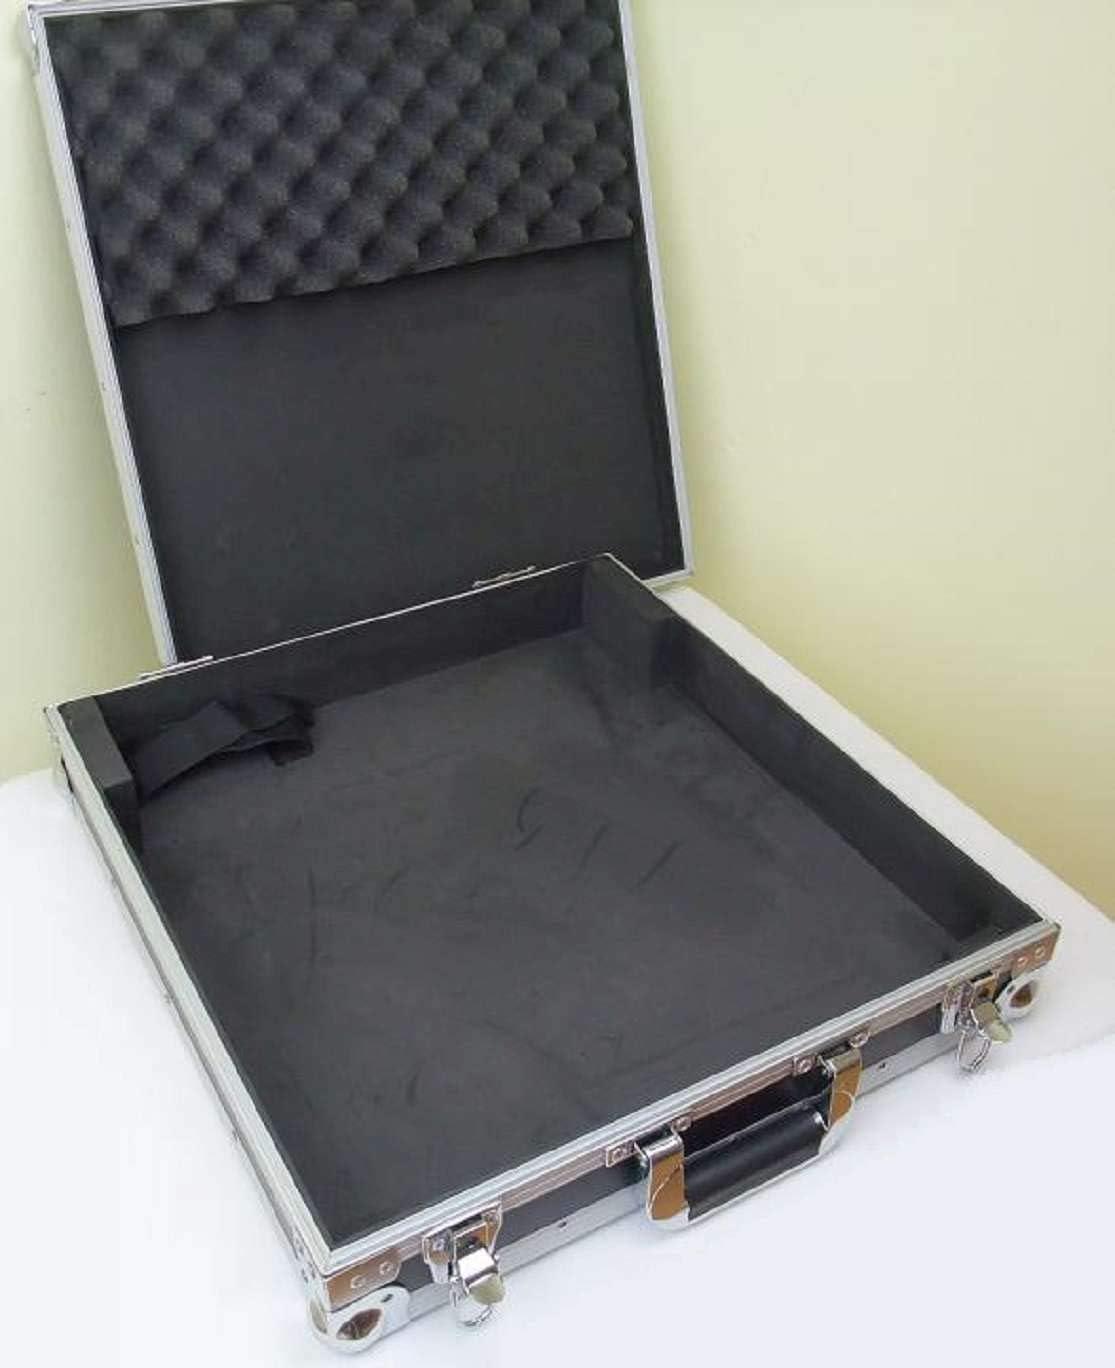 Tego Pro 27250 UMC-2 - Caja de mezclas universal (hasta 46,3 x 36,5 x 9,5 cm): Amazon.es: Instrumentos musicales